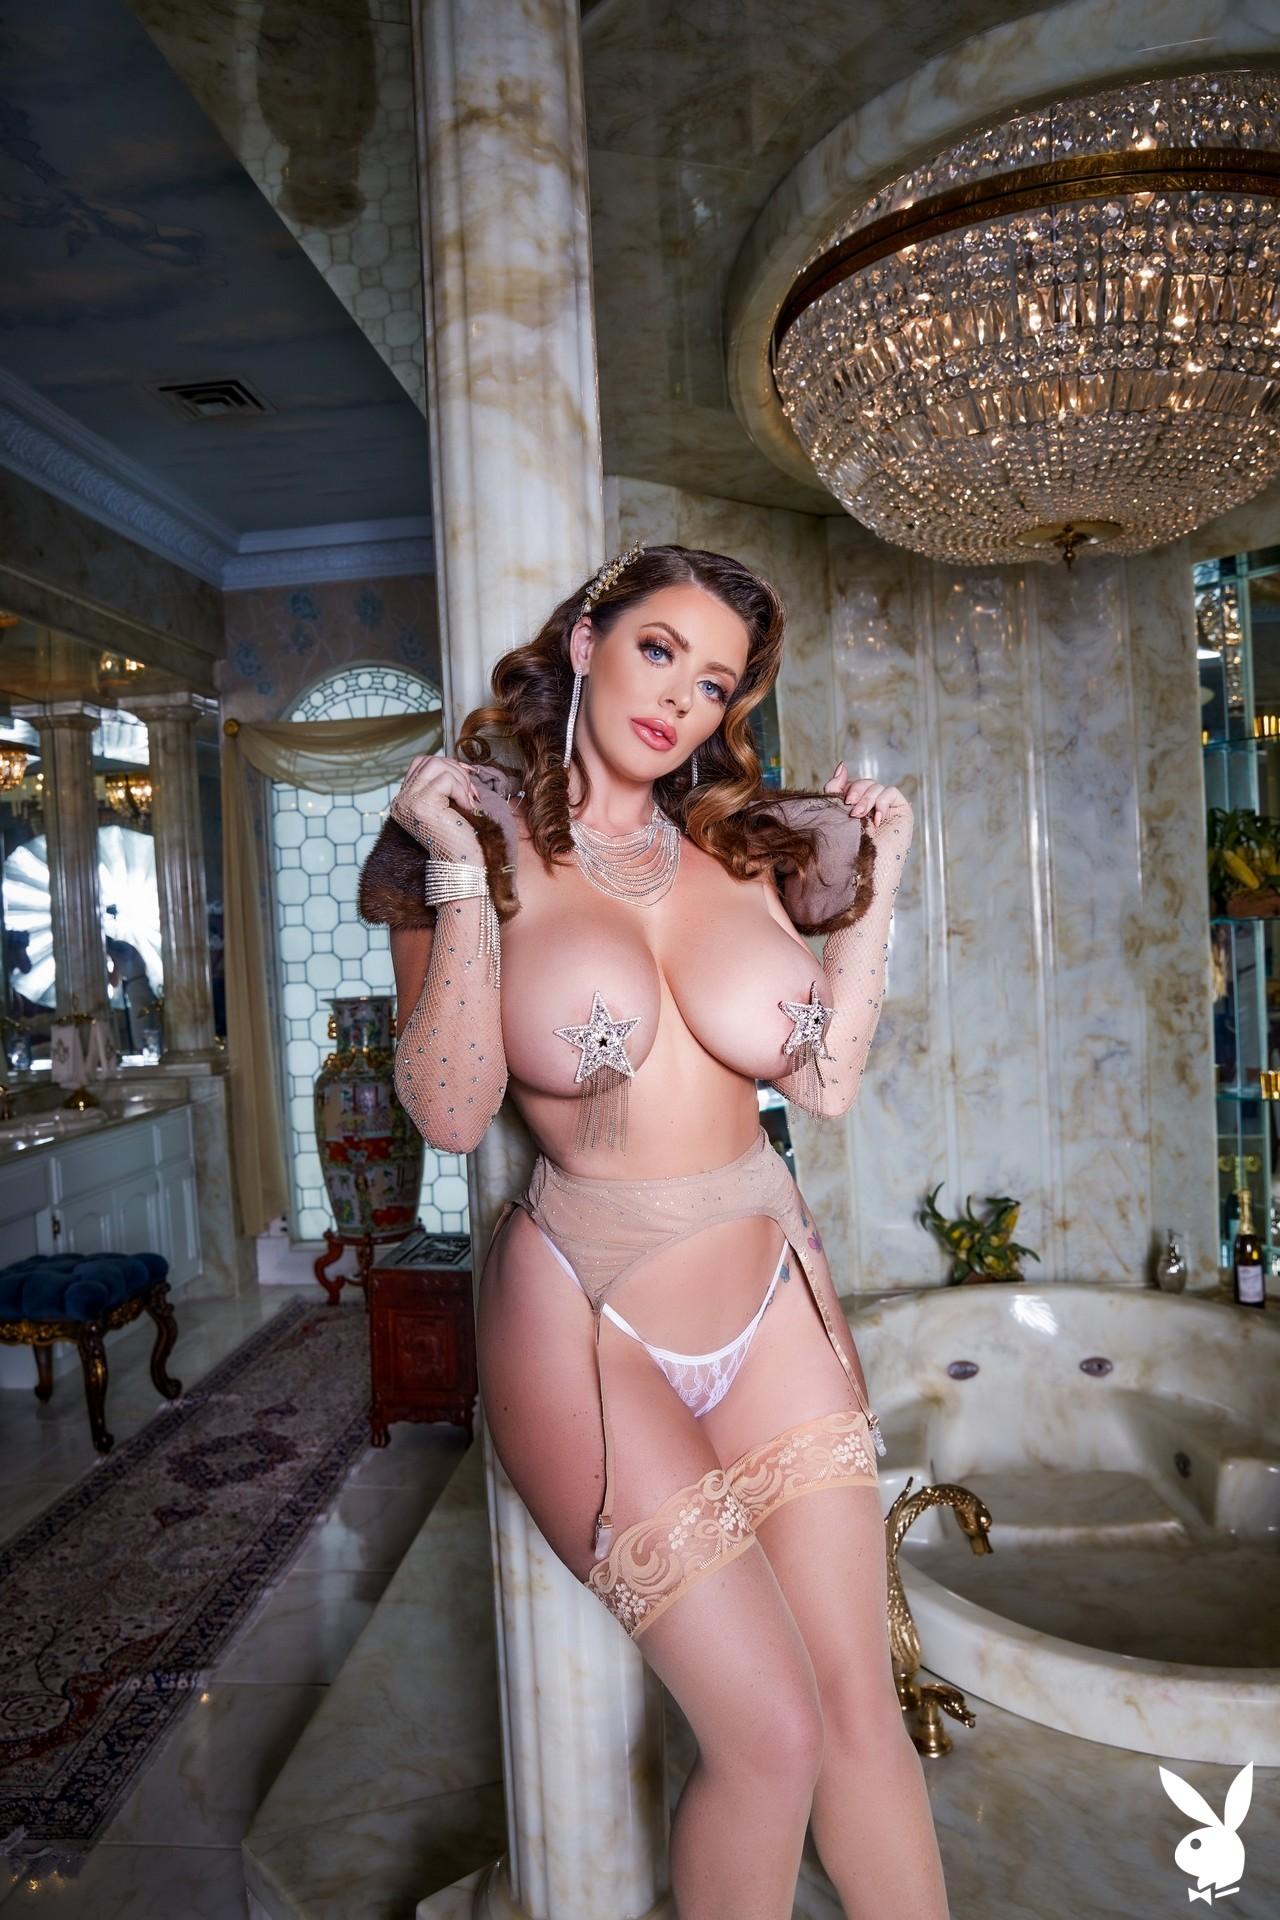 Sophie Dee In Shooting Stars Playboy Plus (37)